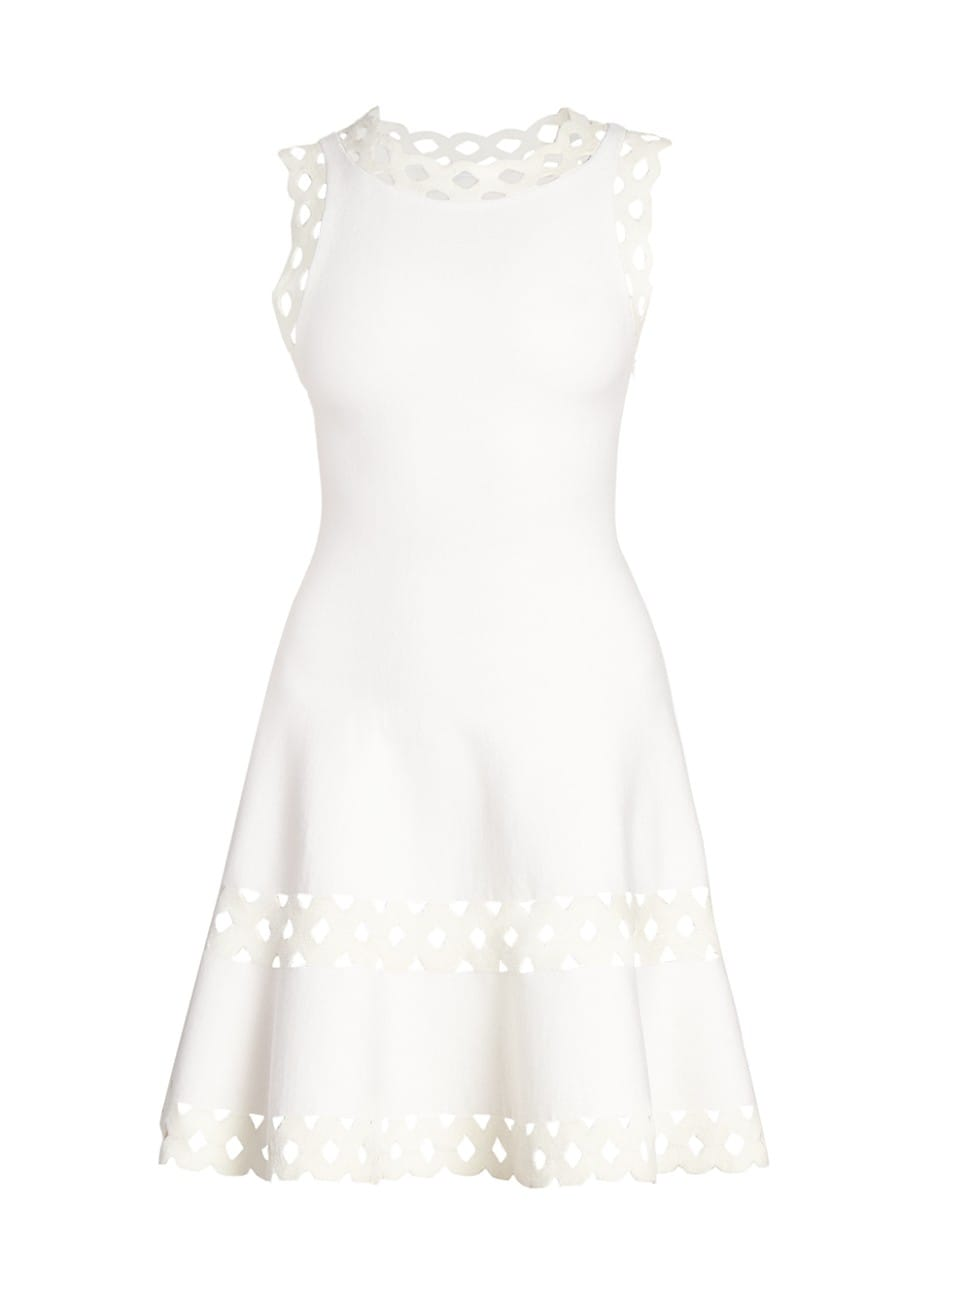 Alaïa Lattice Trim Fit-&-flare Knit Dress In Blanc